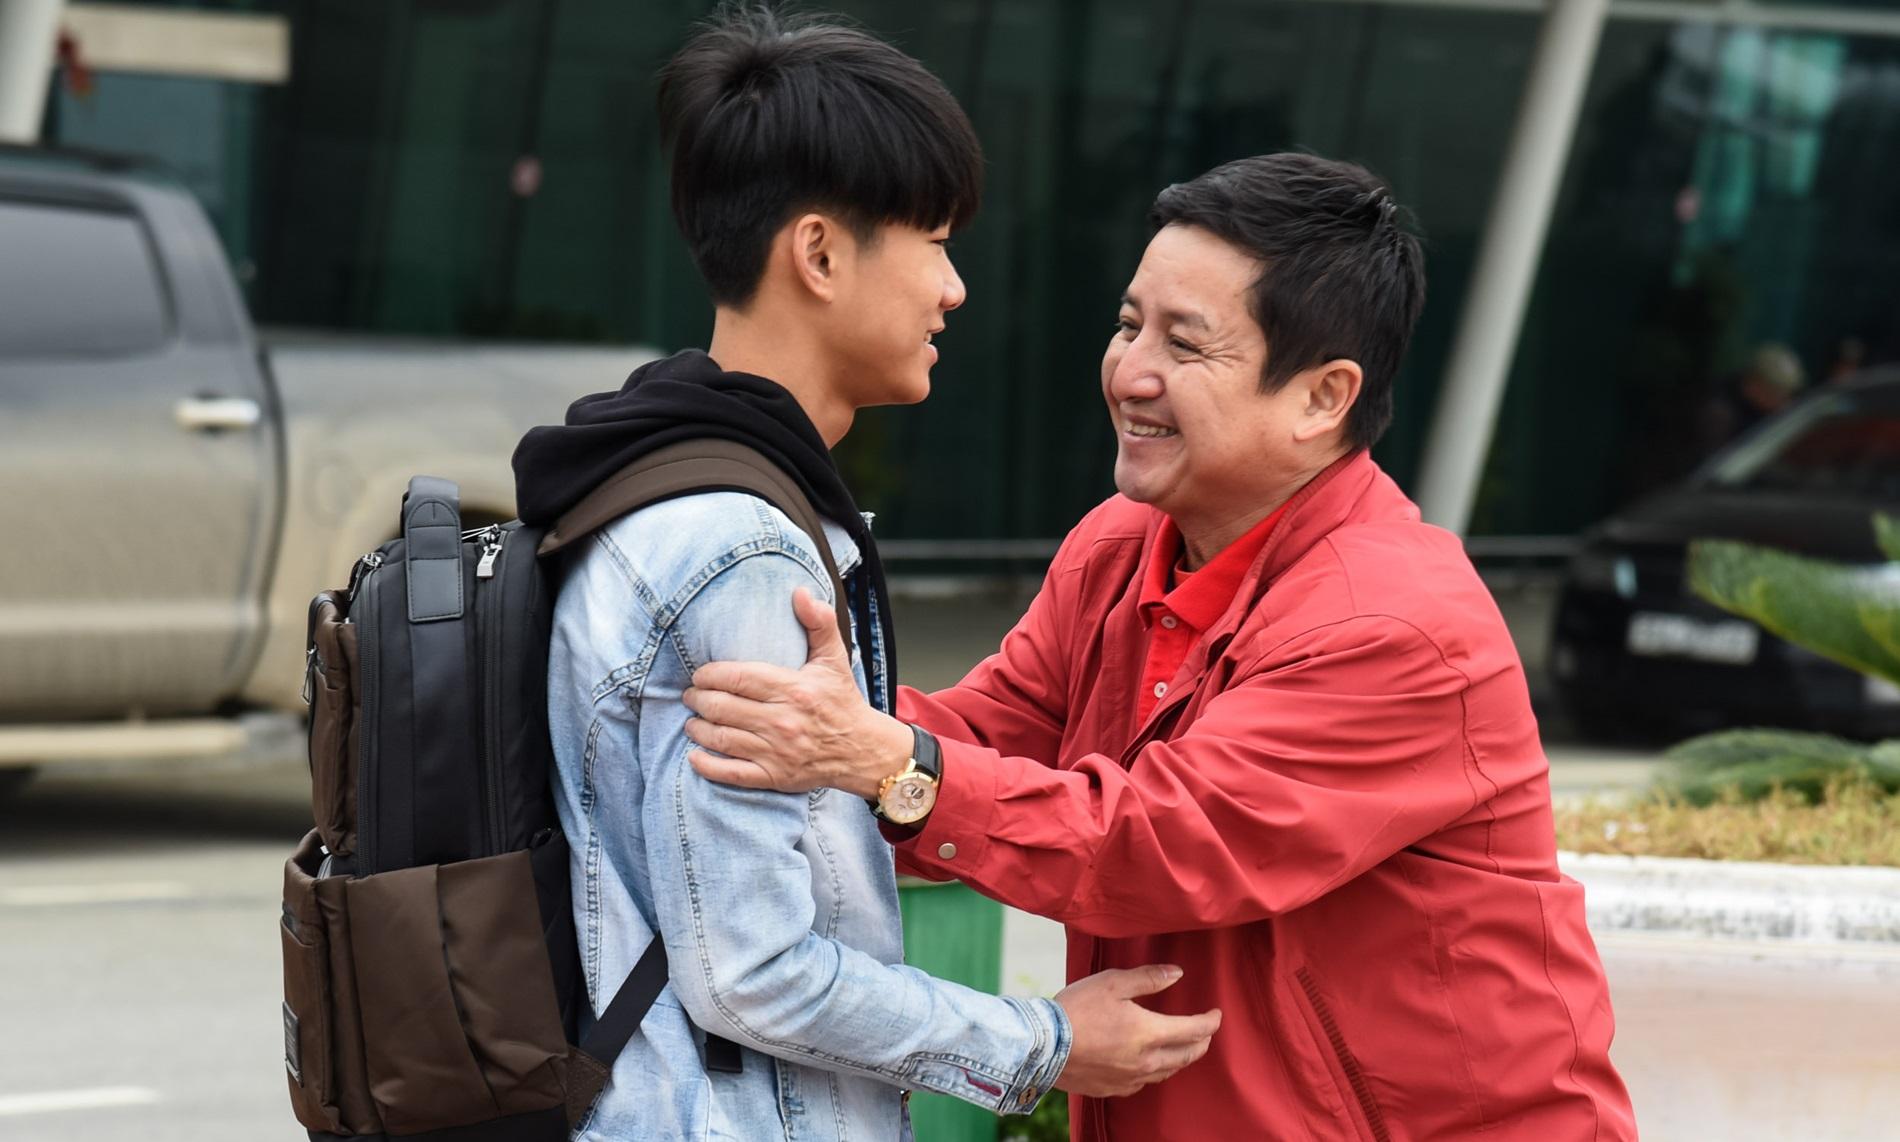 Ngôi sao - Sau khi nói lời tạm biệt Táo quân, NSƯT Chí Trung đi trao quà ở Thanh Hóa